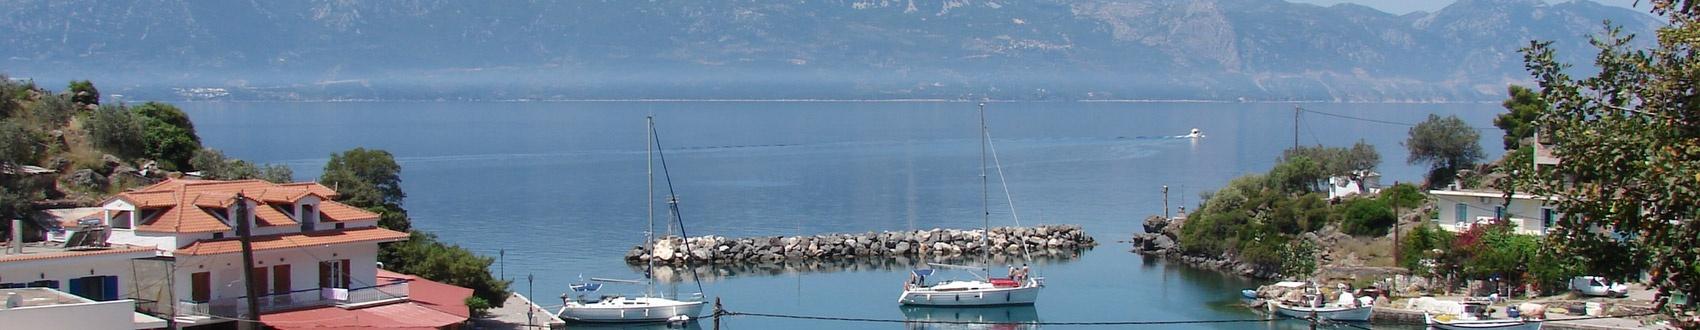 Czarter jachtów Grecja - Akweny w Grecji